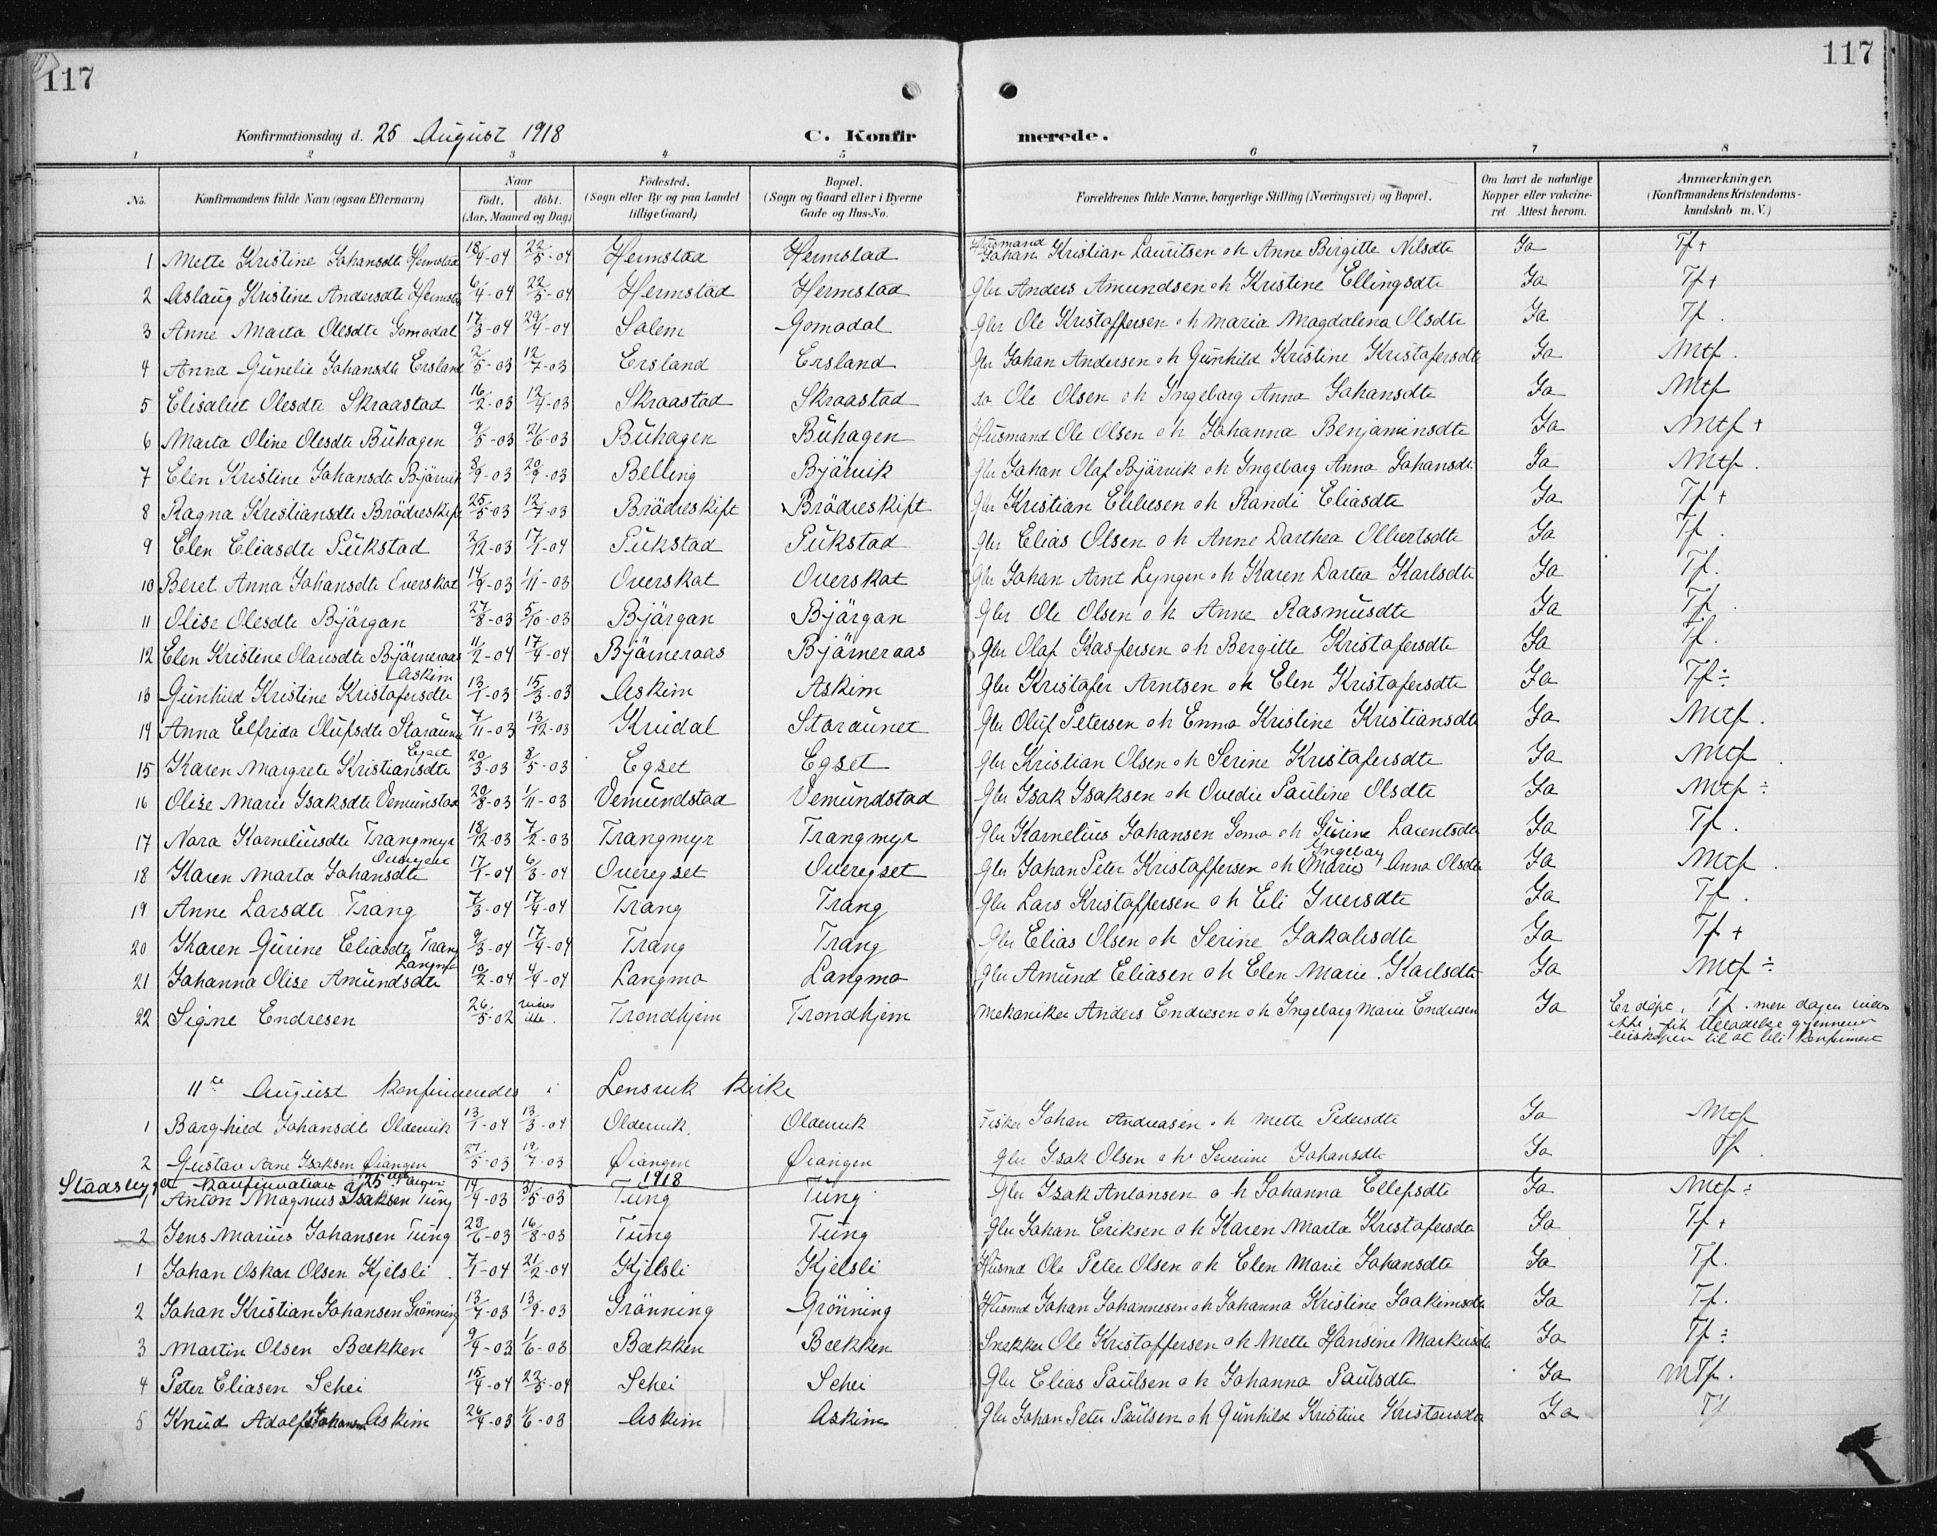 SAT, Ministerialprotokoller, klokkerbøker og fødselsregistre - Sør-Trøndelag, 646/L0616: Ministerialbok nr. 646A14, 1900-1918, s. 117